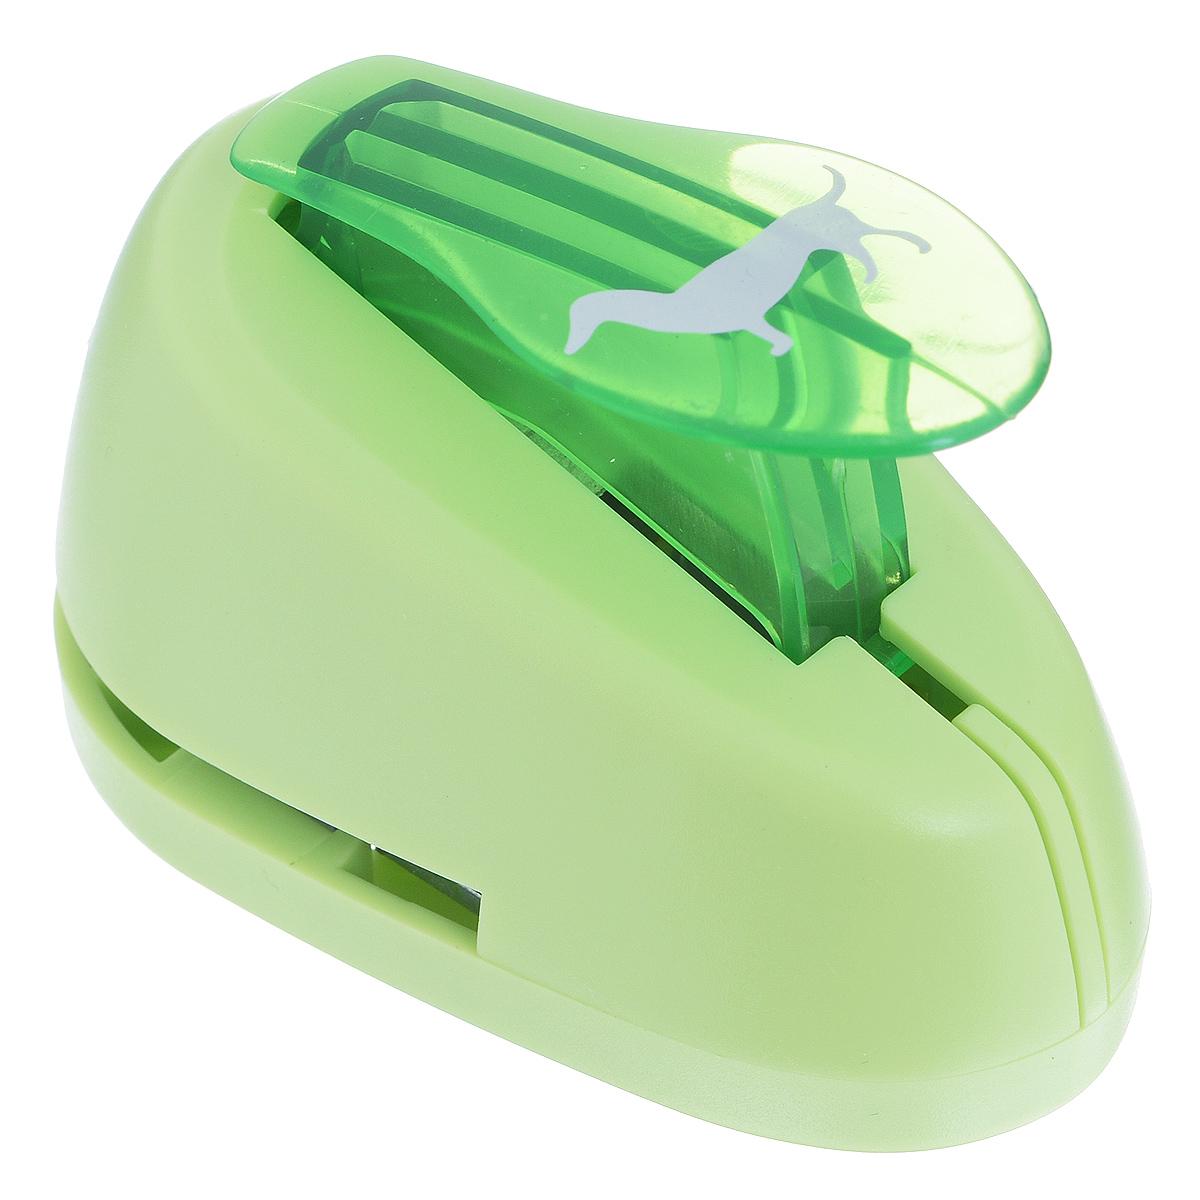 Дырокол фигурный Астра Такса. CD-99M7709605_53Дырокол Астра Такса поможет вам легко, просто и аккуратно вырезать много одинаковых мелких фигурок.Режущие части компостера закрыты пластмассовым корпусом, что обеспечивает безопасность для детей. Вырезанные фигурки накапливаются в специальном резервуаре. Можно использовать вырезанные мотивы как конфетти или для наклеивания. Дырокол подходит для разных техник: декупажа, скрапбукинга, декорирования.Размер дырокола: 8 см х 5 см х 5 см. Размер готовой фигурки: 2,3 см х 1,3 см.